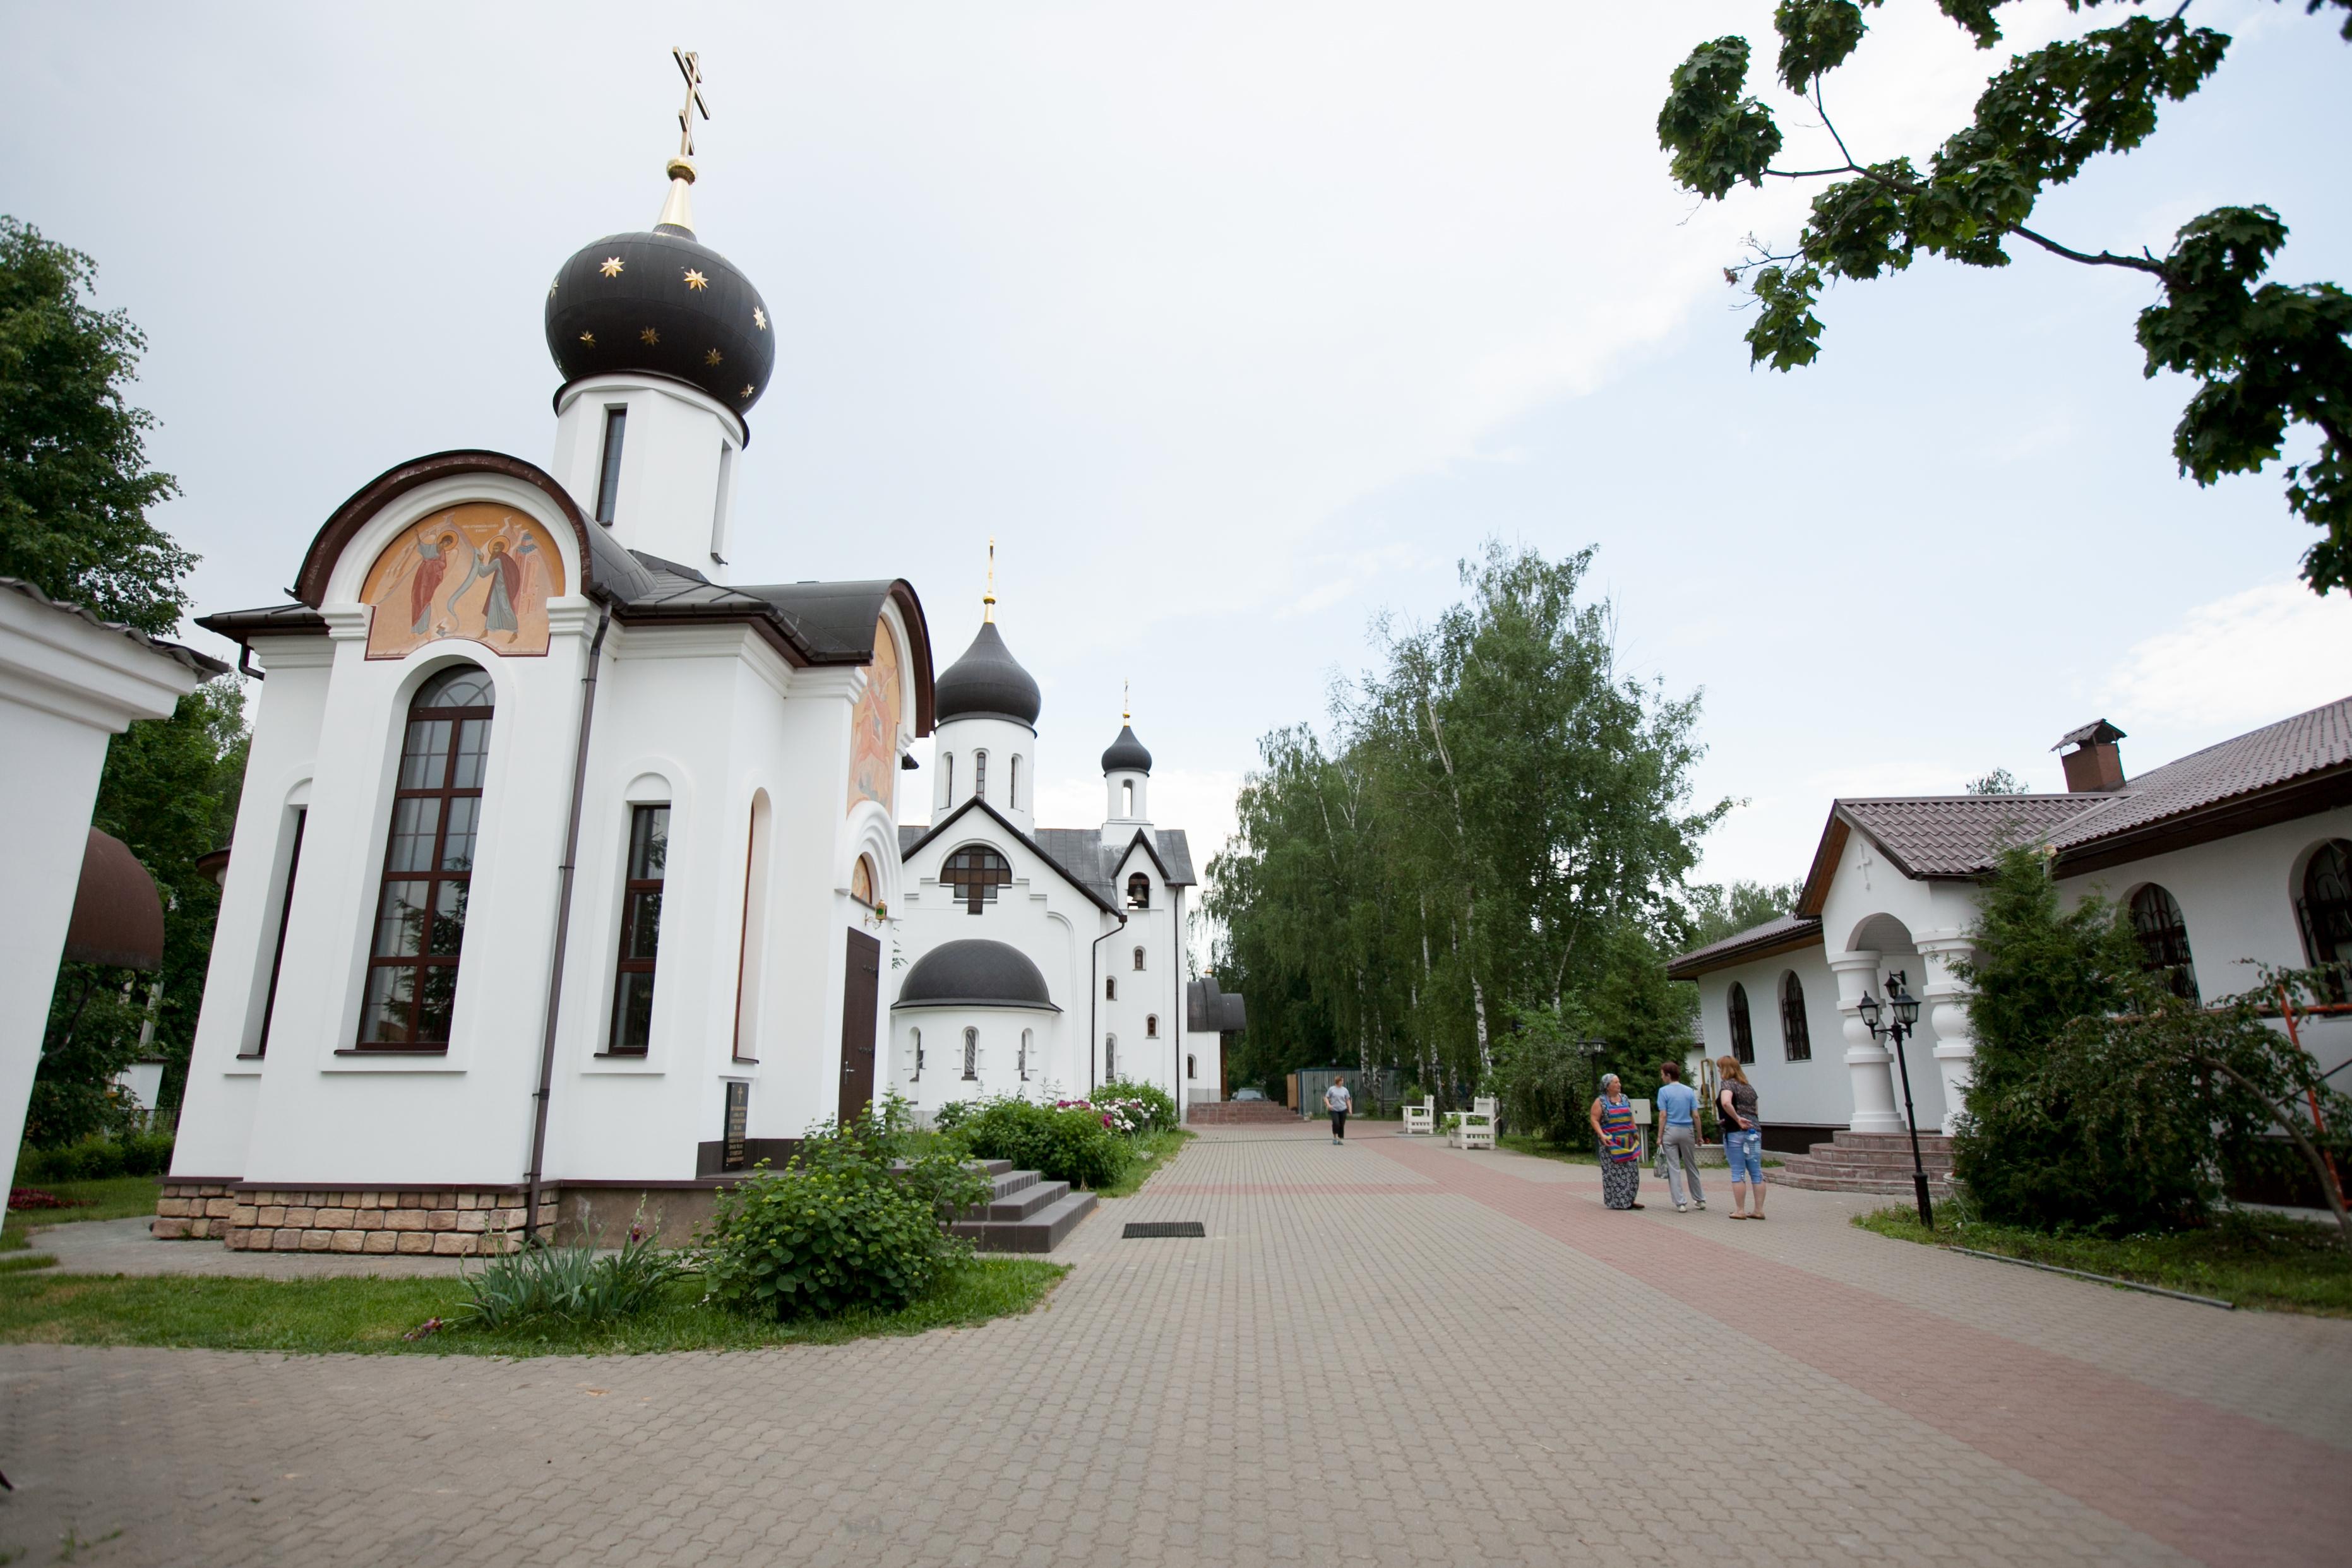 Поселение Михайлово-Ярцевское: Преображение без границ